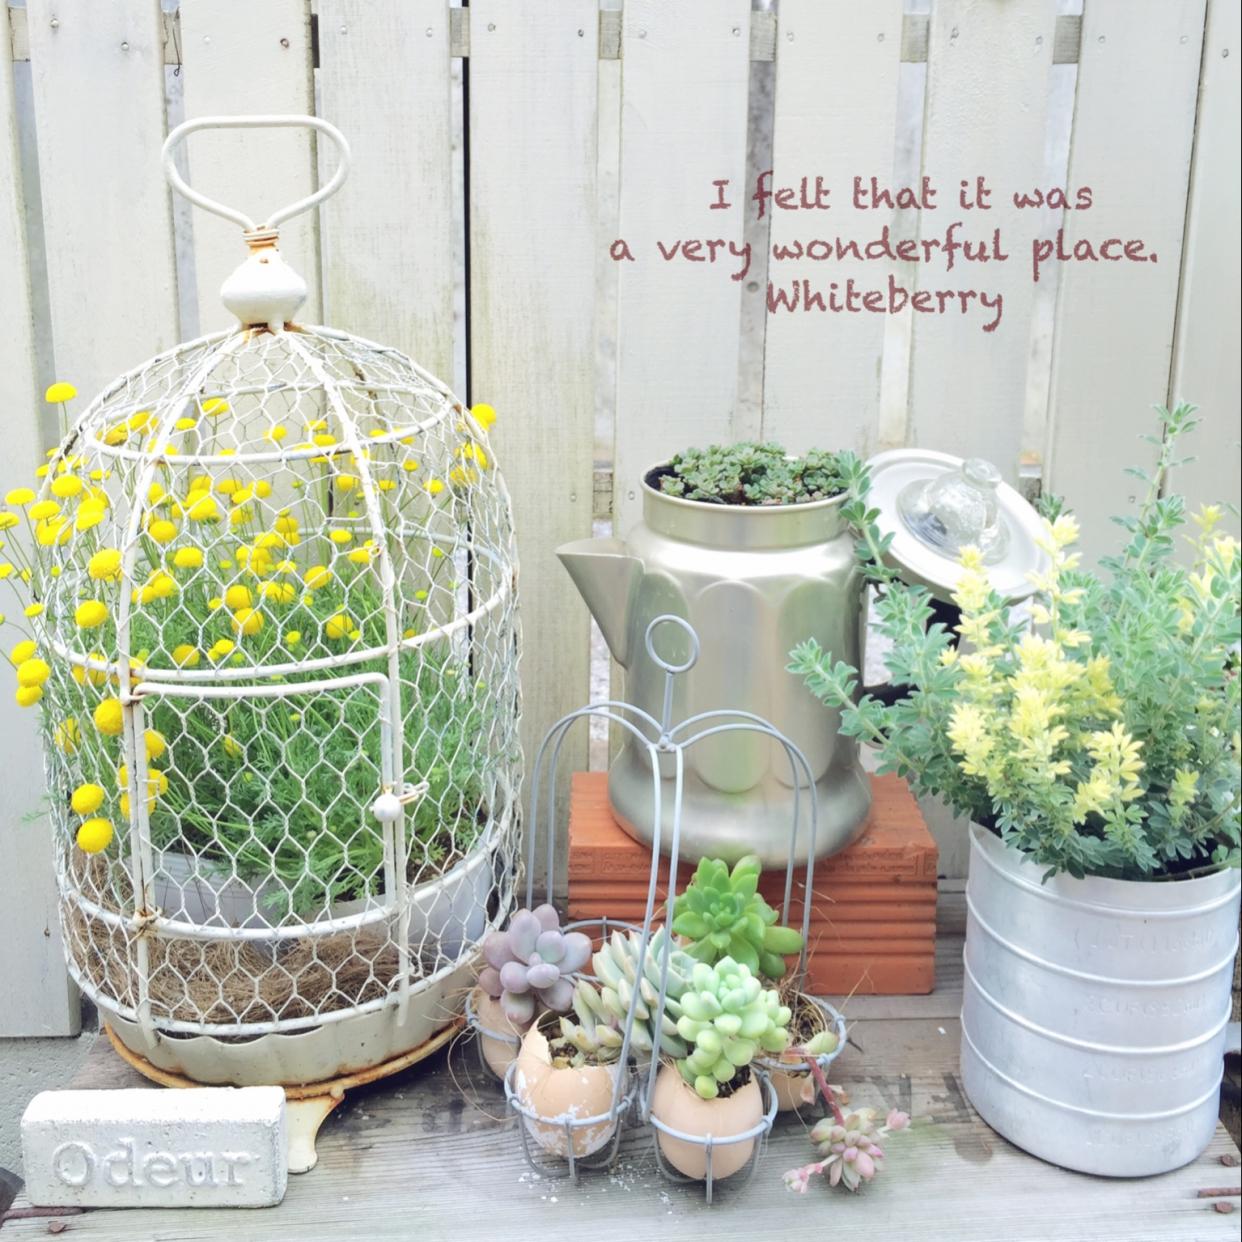 ガーデニングで色々なお花を育てて素敵なお庭にしてみたい♪ のサムネイル画像